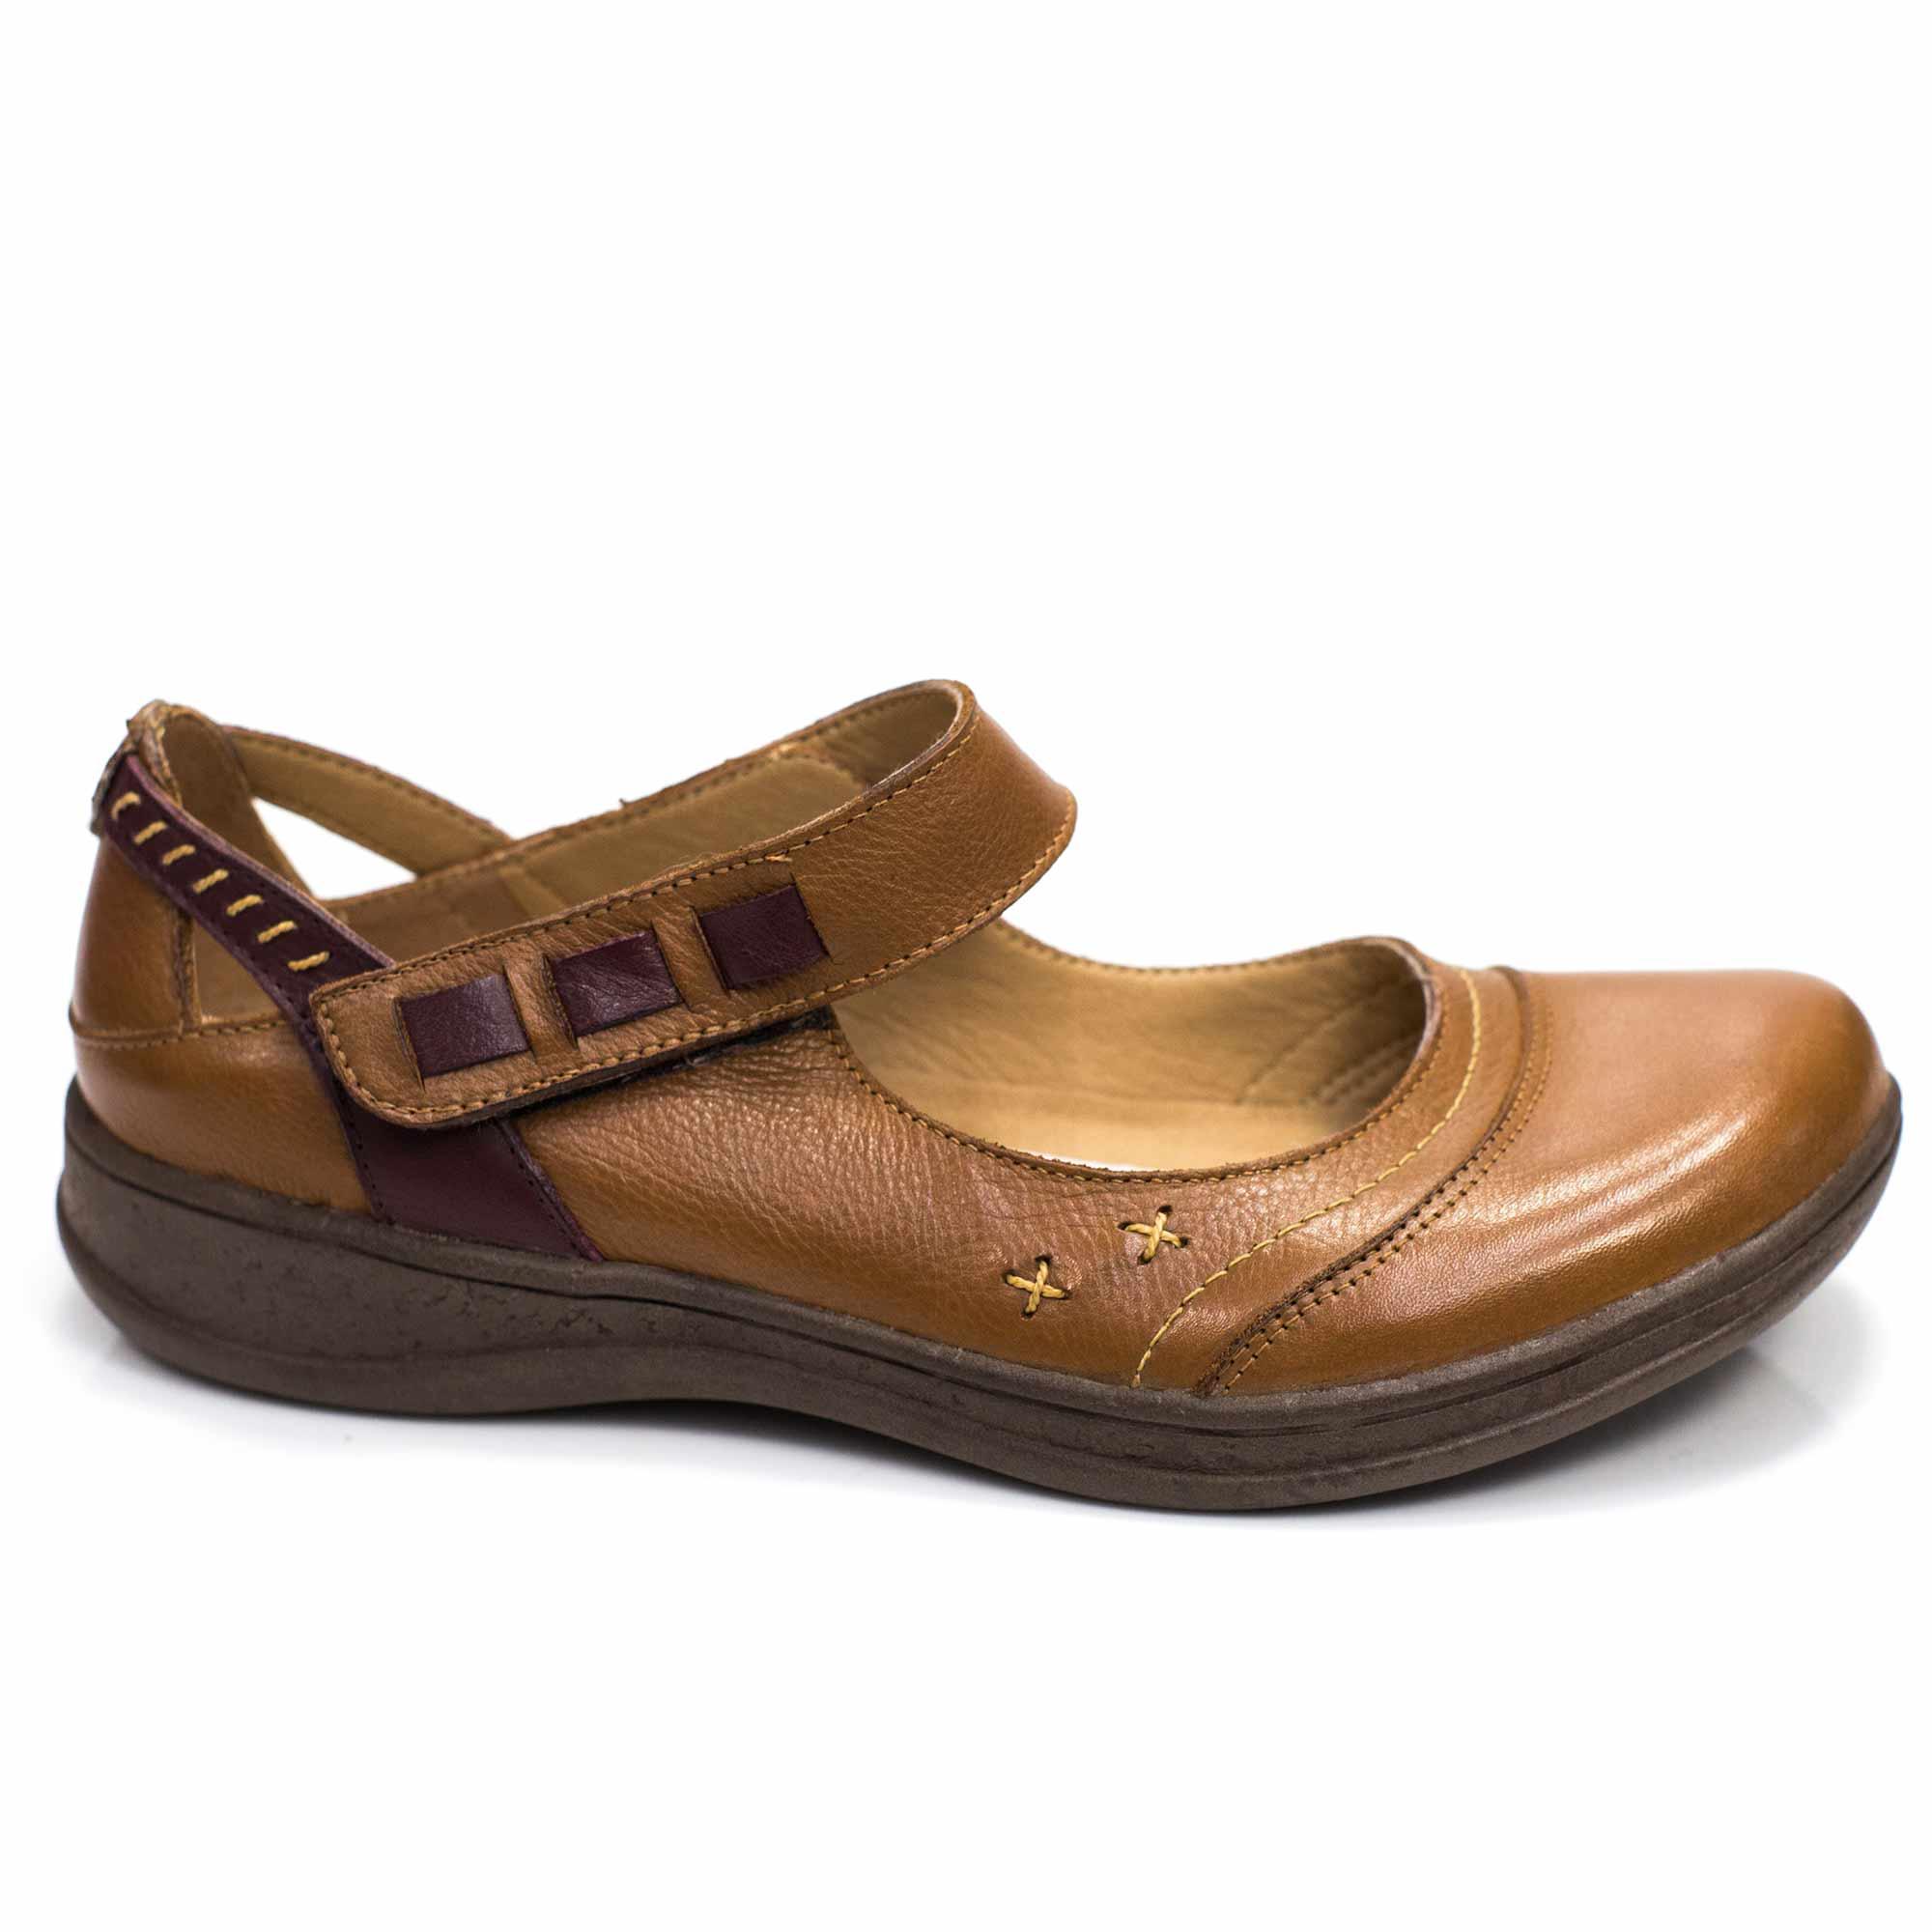 Sapatilha comfort em couro Dory - Pré Venda